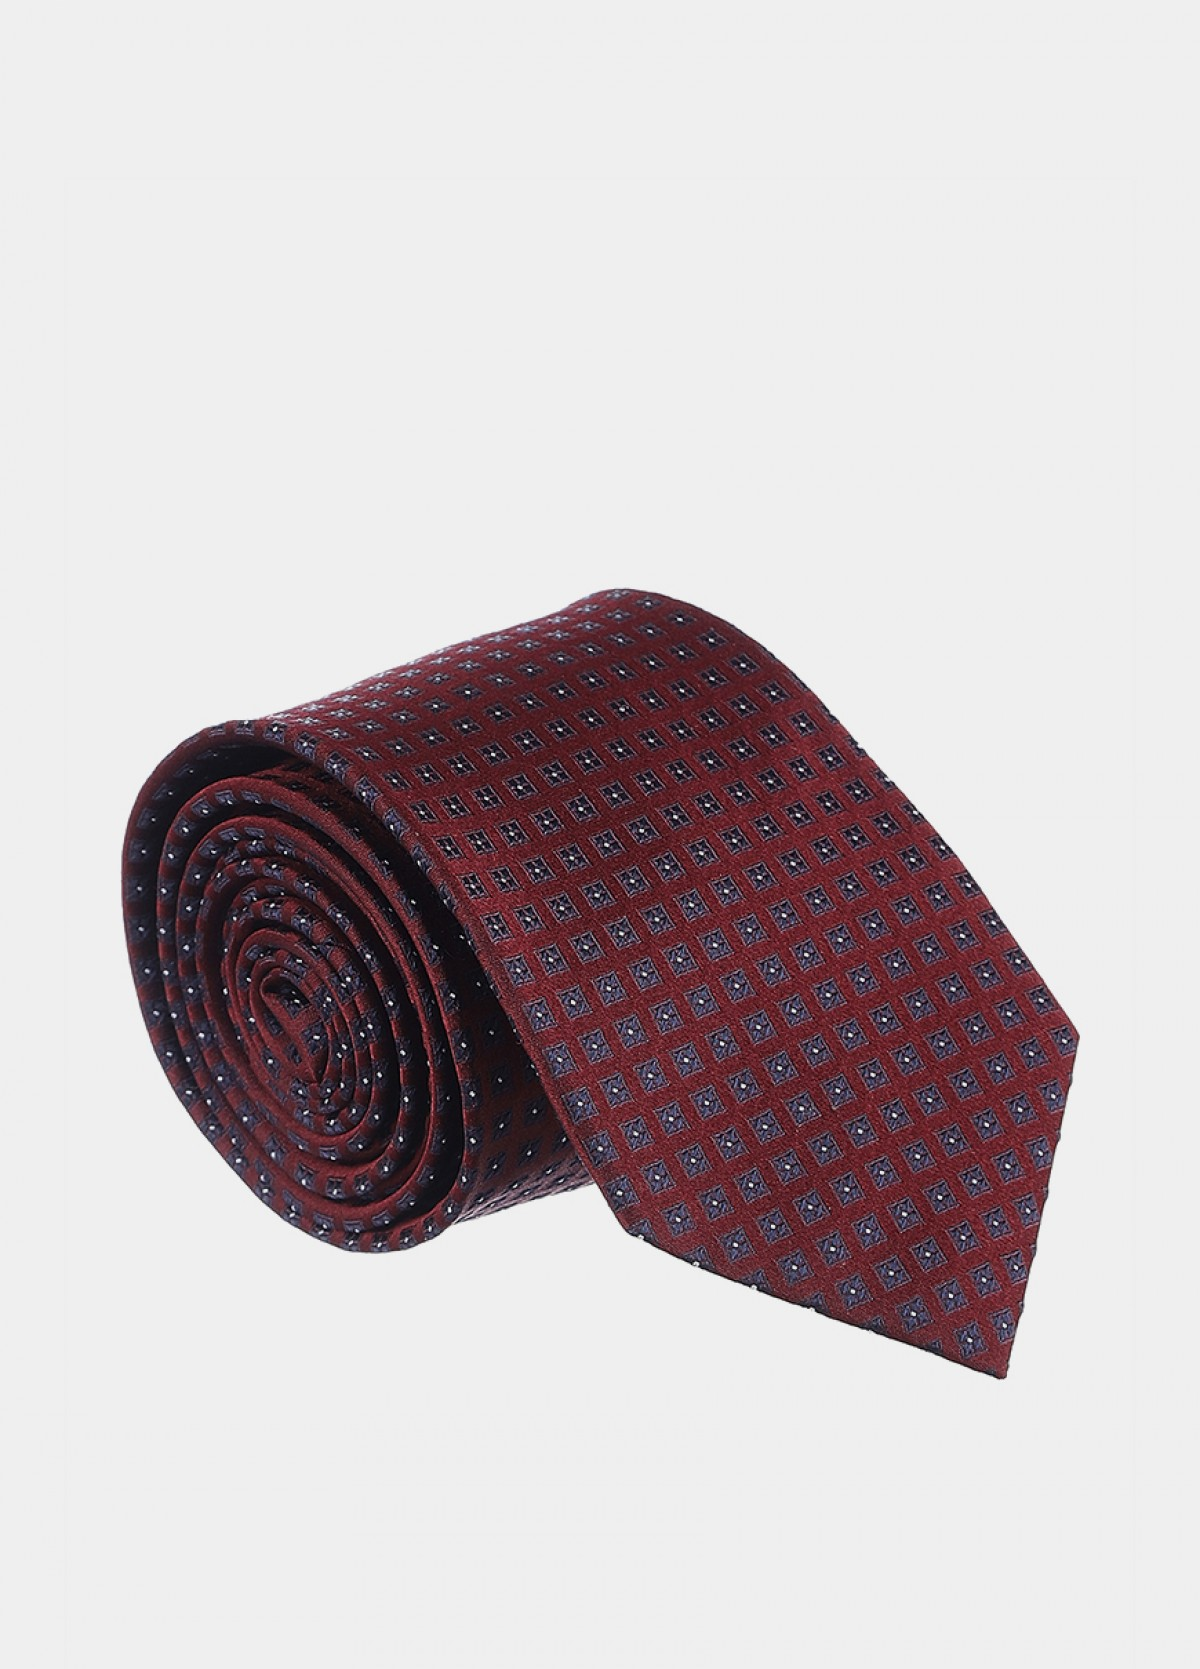 The Men's Woven Silk Tie